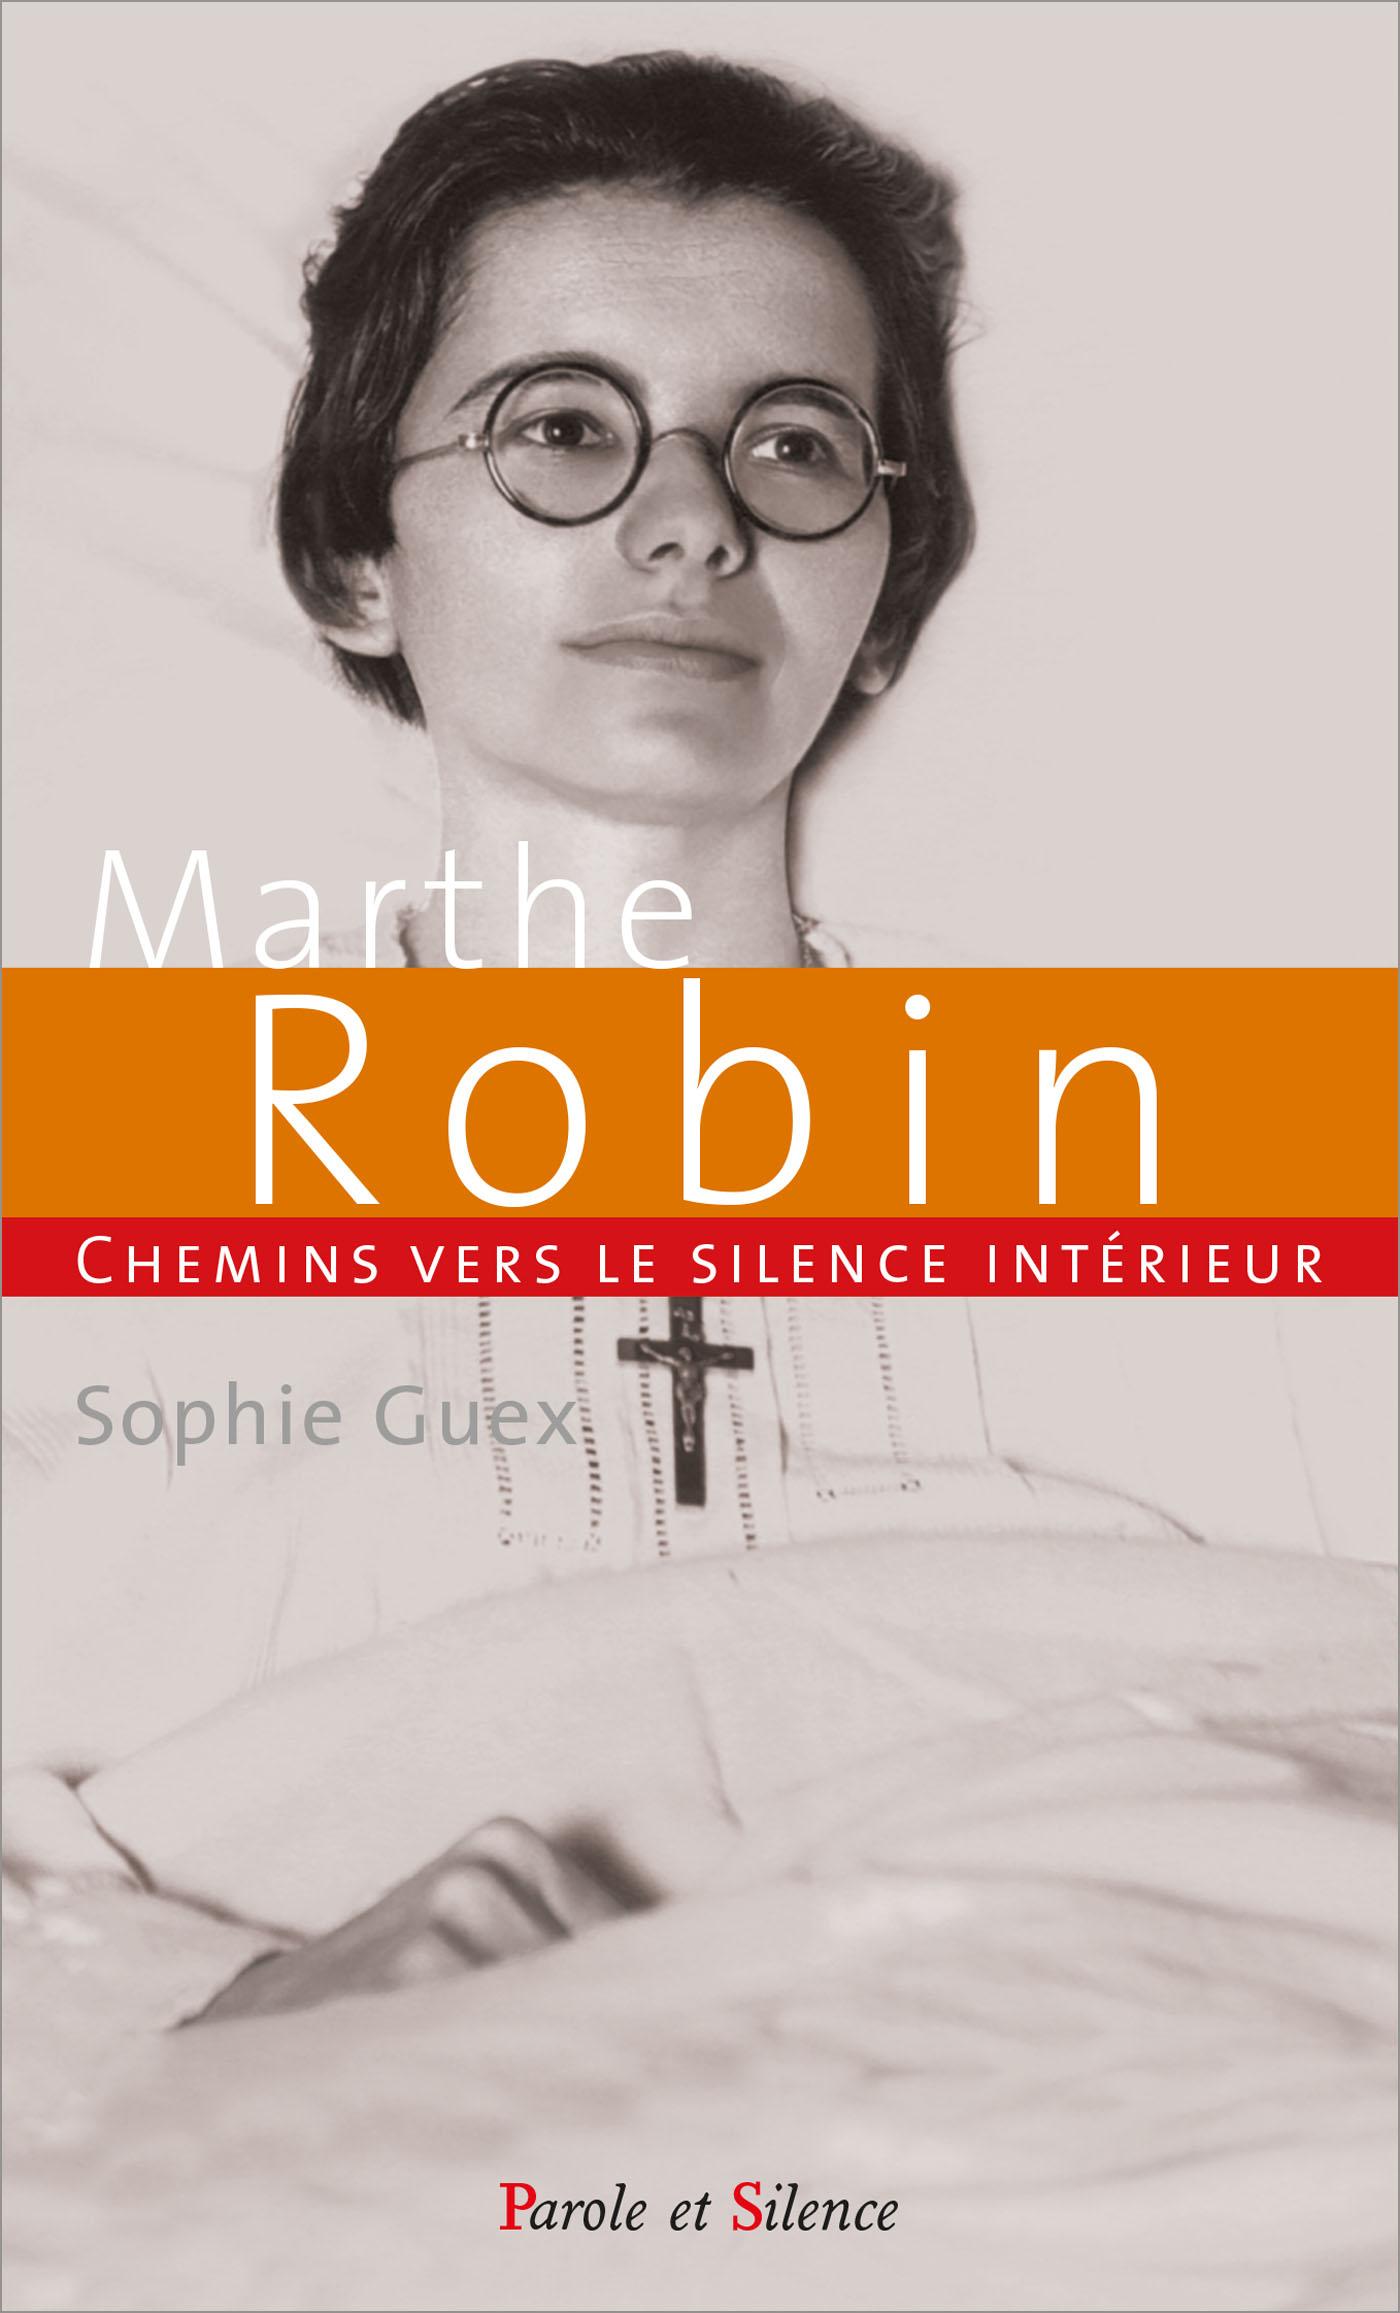 Chemin vers le silence intérieur avec Marthe Robin